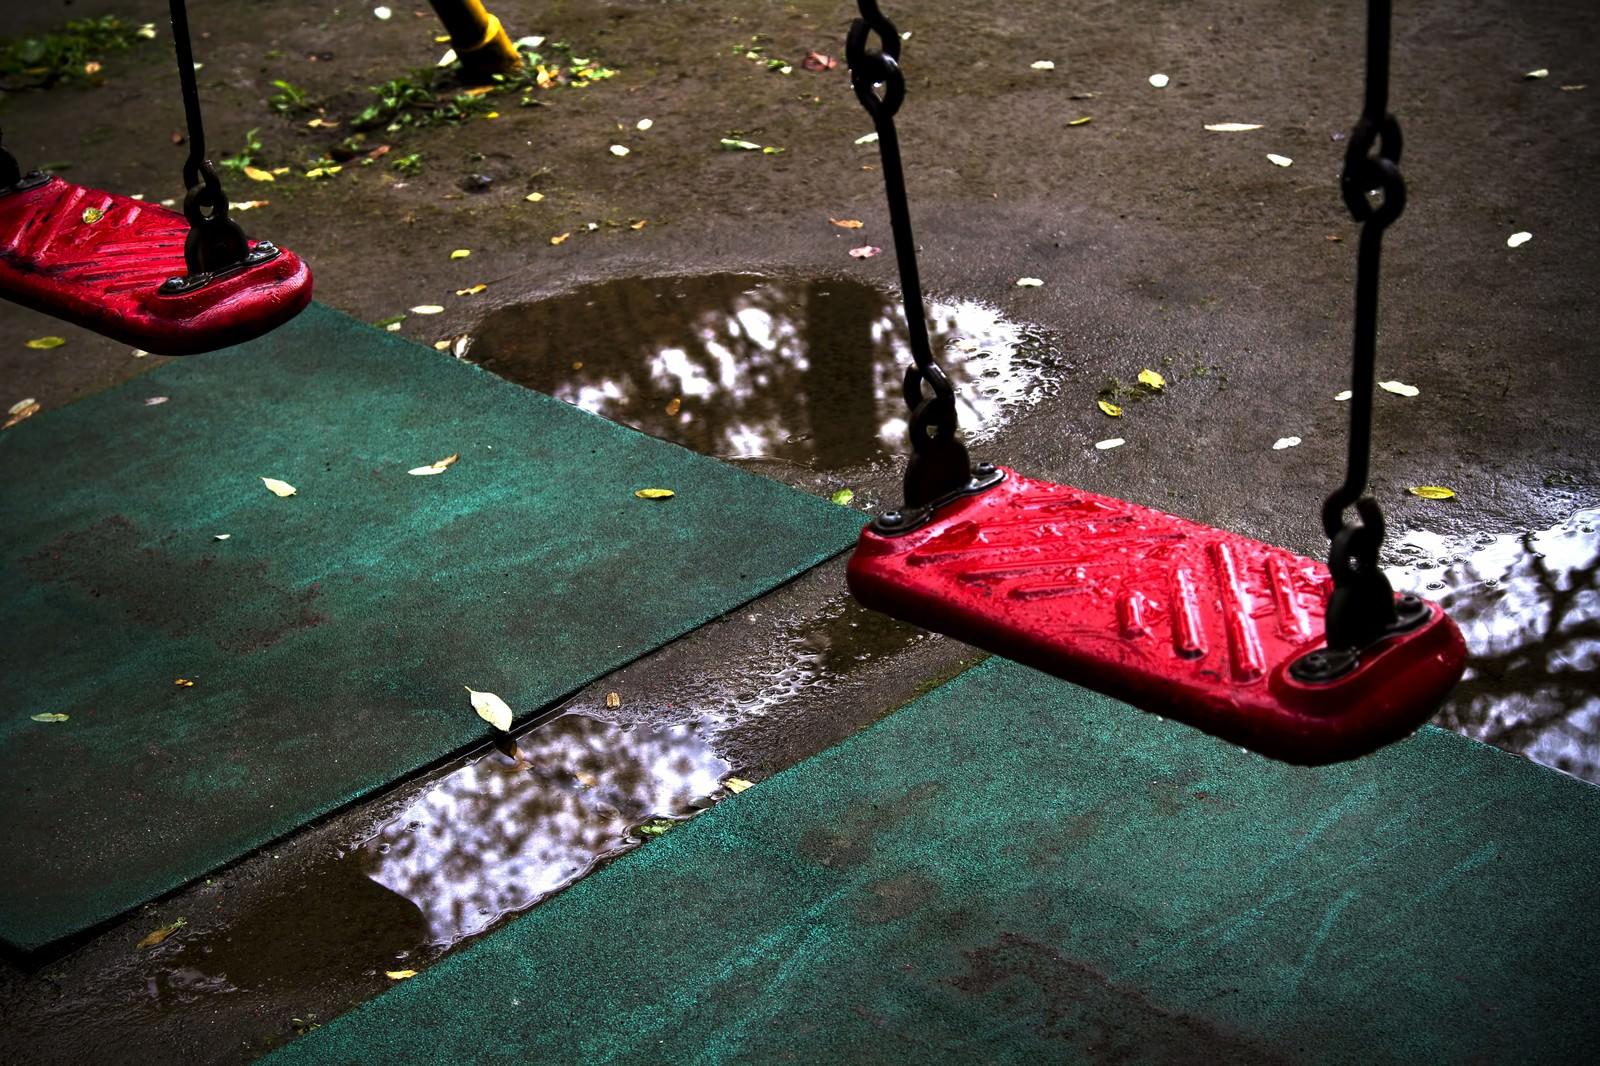 「雨に濡れた赤いブランコ   ぱくたそフリー素材」の写真